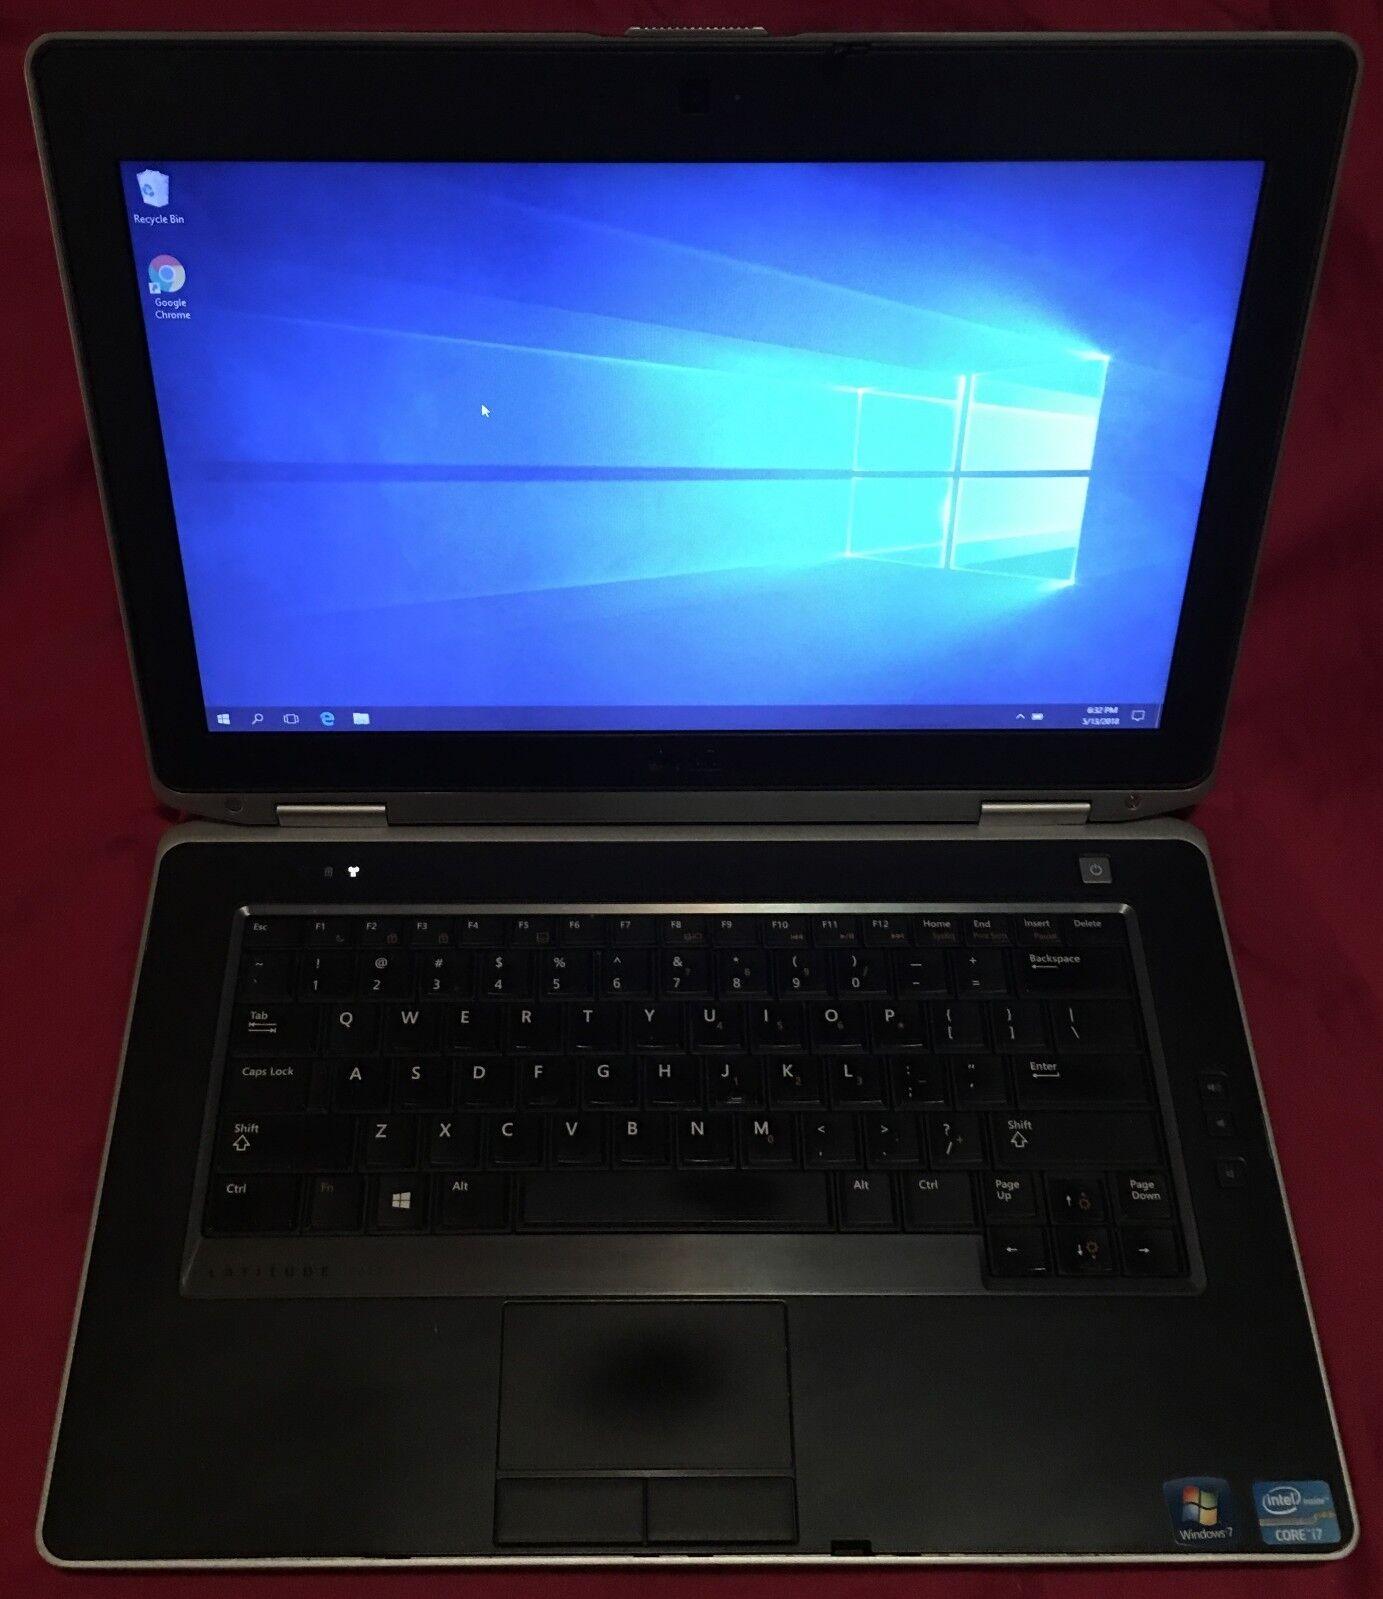 Dell Latitude E6430 i7-3520M @2.90GHz 8Gb RAM 320GB HDD Win 7 Webcam